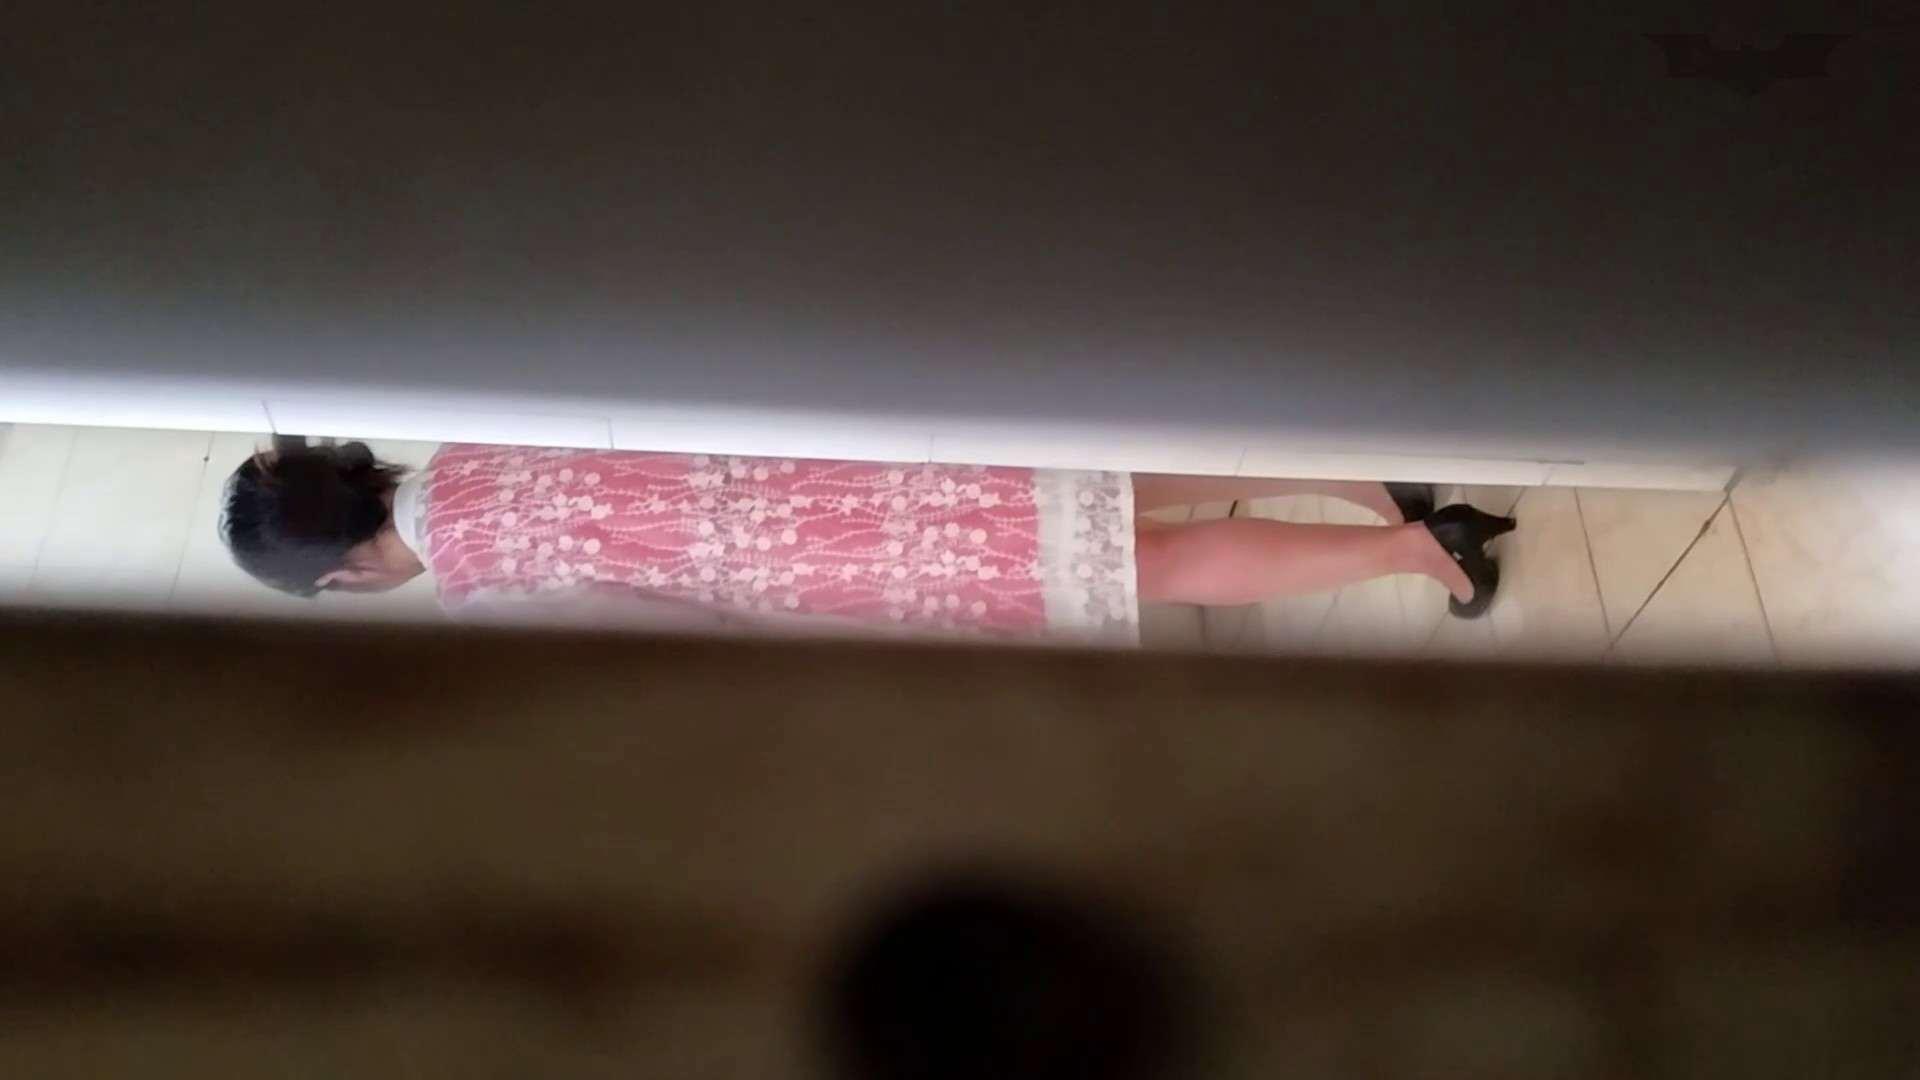 JD盗撮 美女の洗面所の秘密 Vol.75 盗撮で悶絶 SEX無修正画像 110画像 84